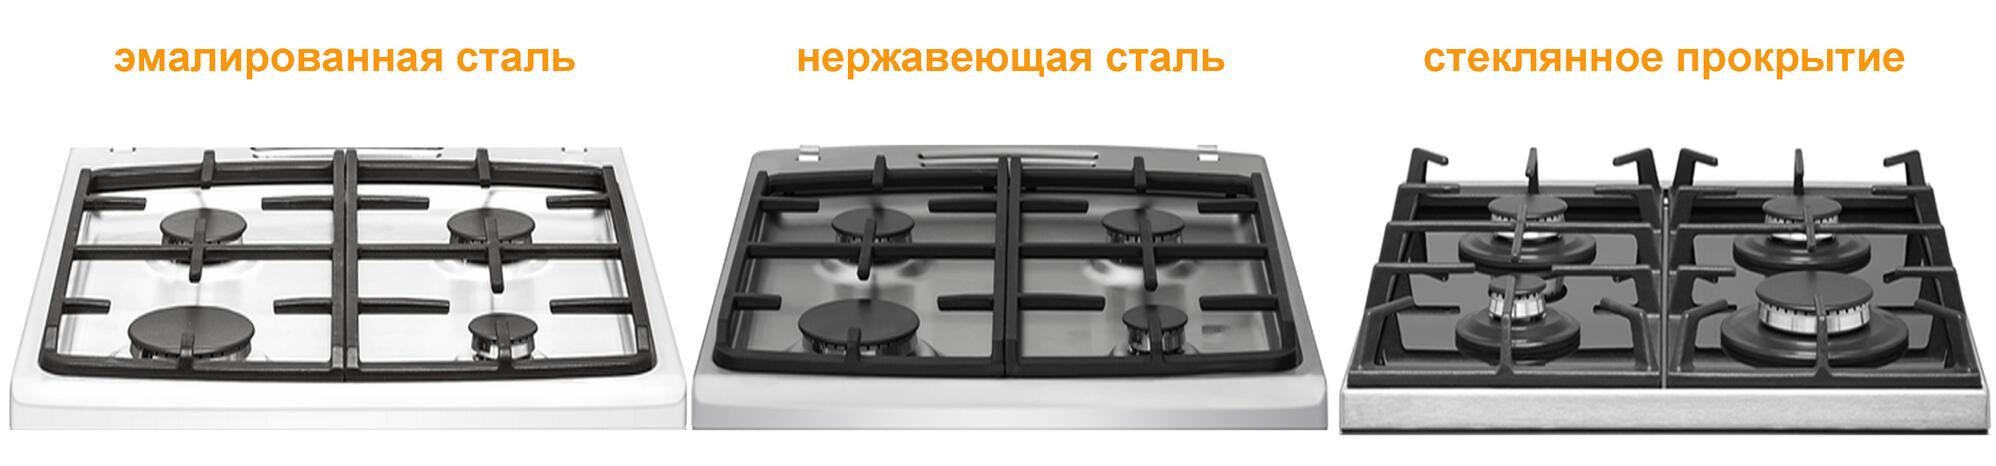 Bytovaya Tehnika - Vybor gazovoy plity (2018)